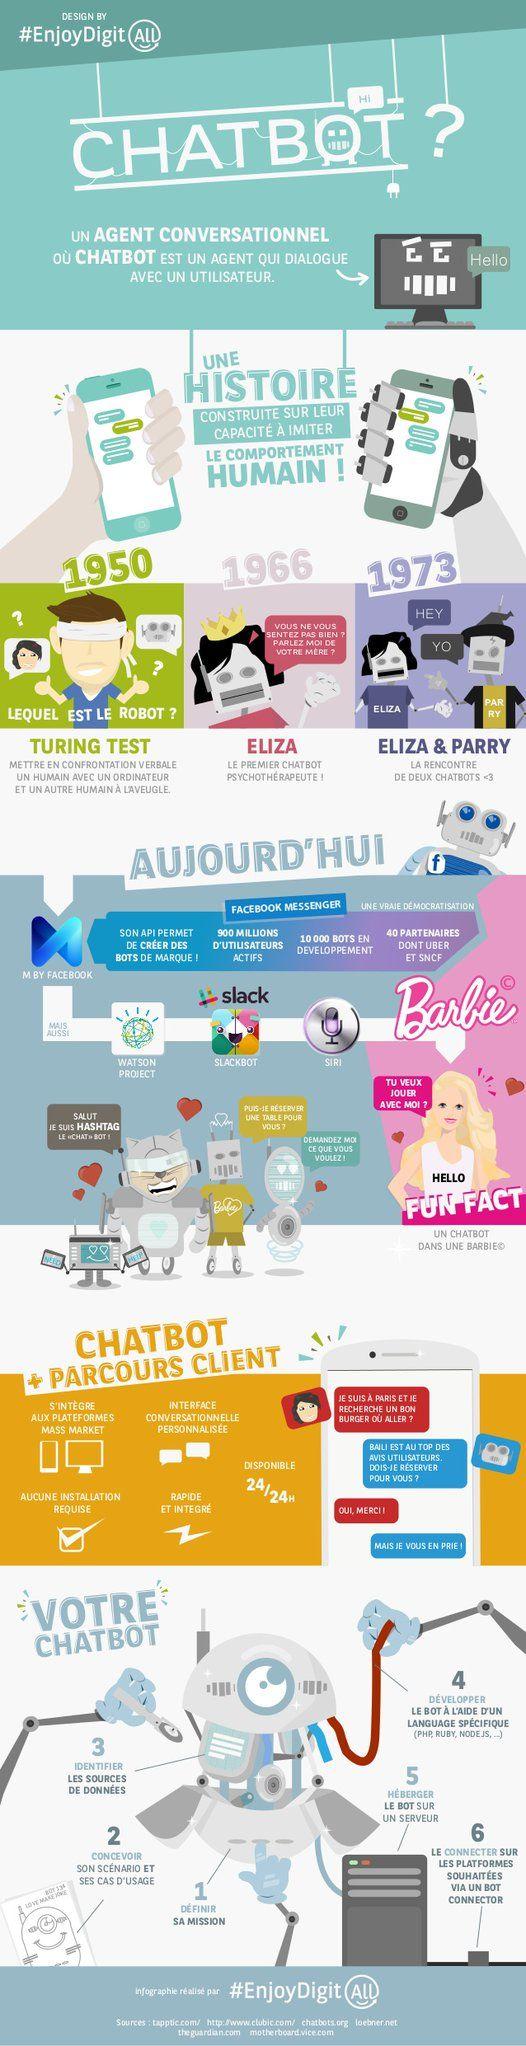 Psychology-Infographic-Valentine-Craft-Pom-Pom-Monsters-Tutorial Psychology Infographic : Valentine Craft Pom Pom Monsters Tutorial